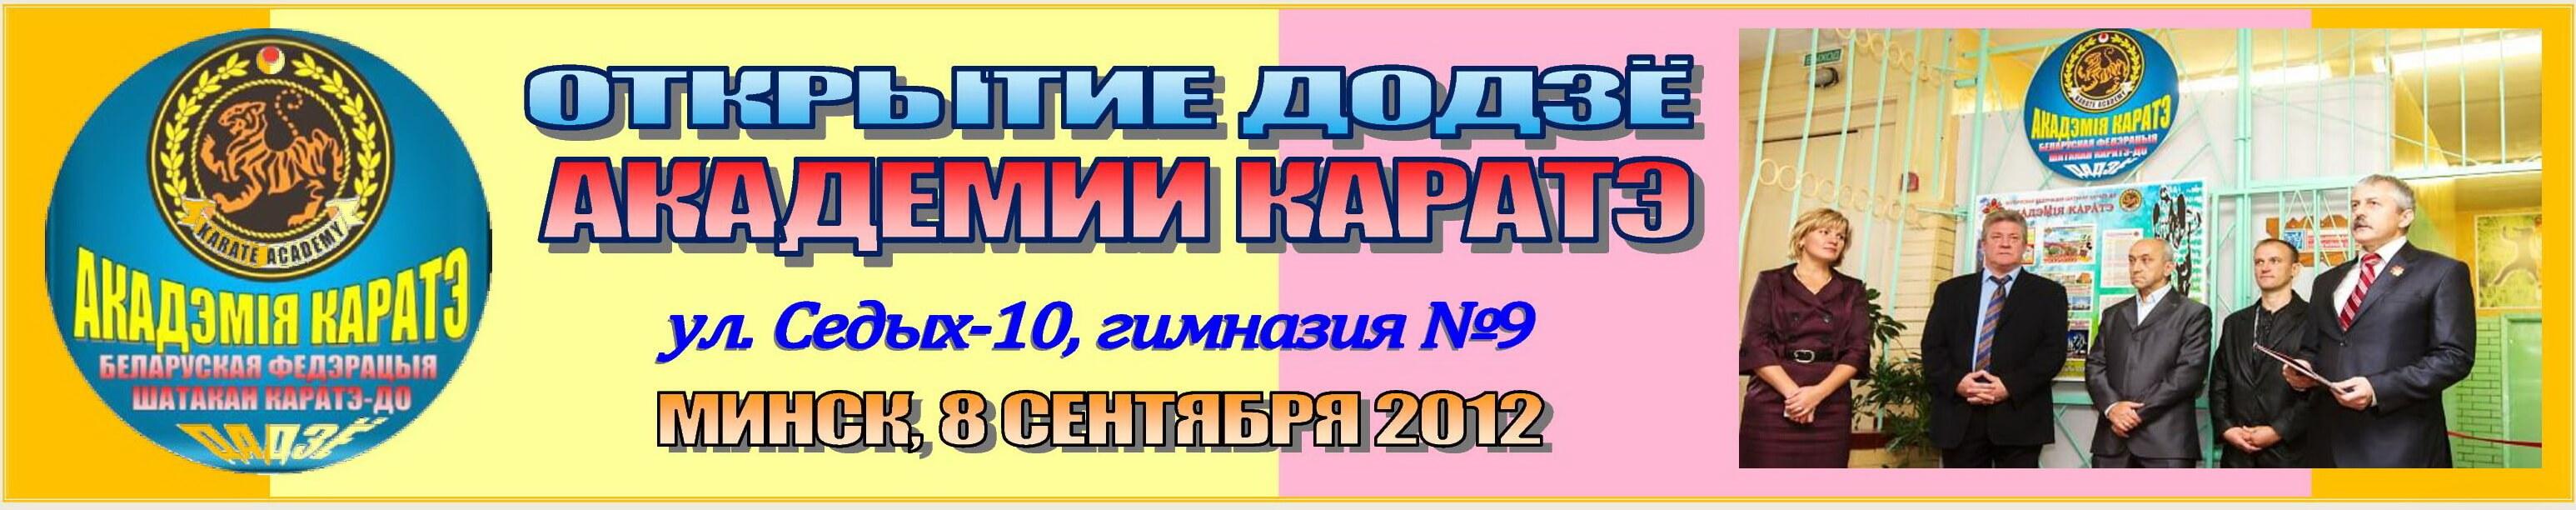 Открытие додзе Академии каратэ 09-2014 Баннер